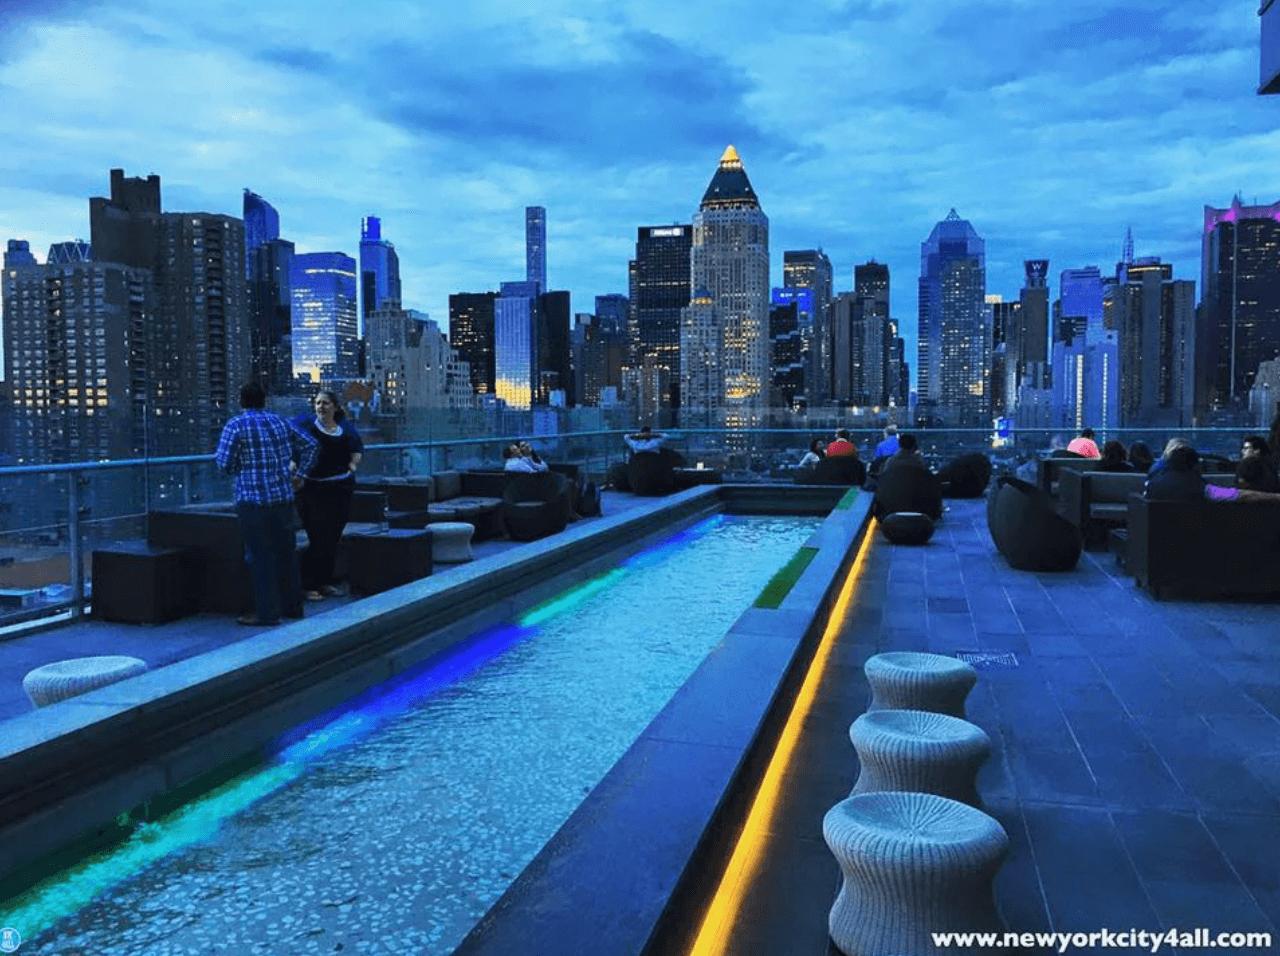 La Vera Magia Della Grande Mela La Notte New York City 4 All